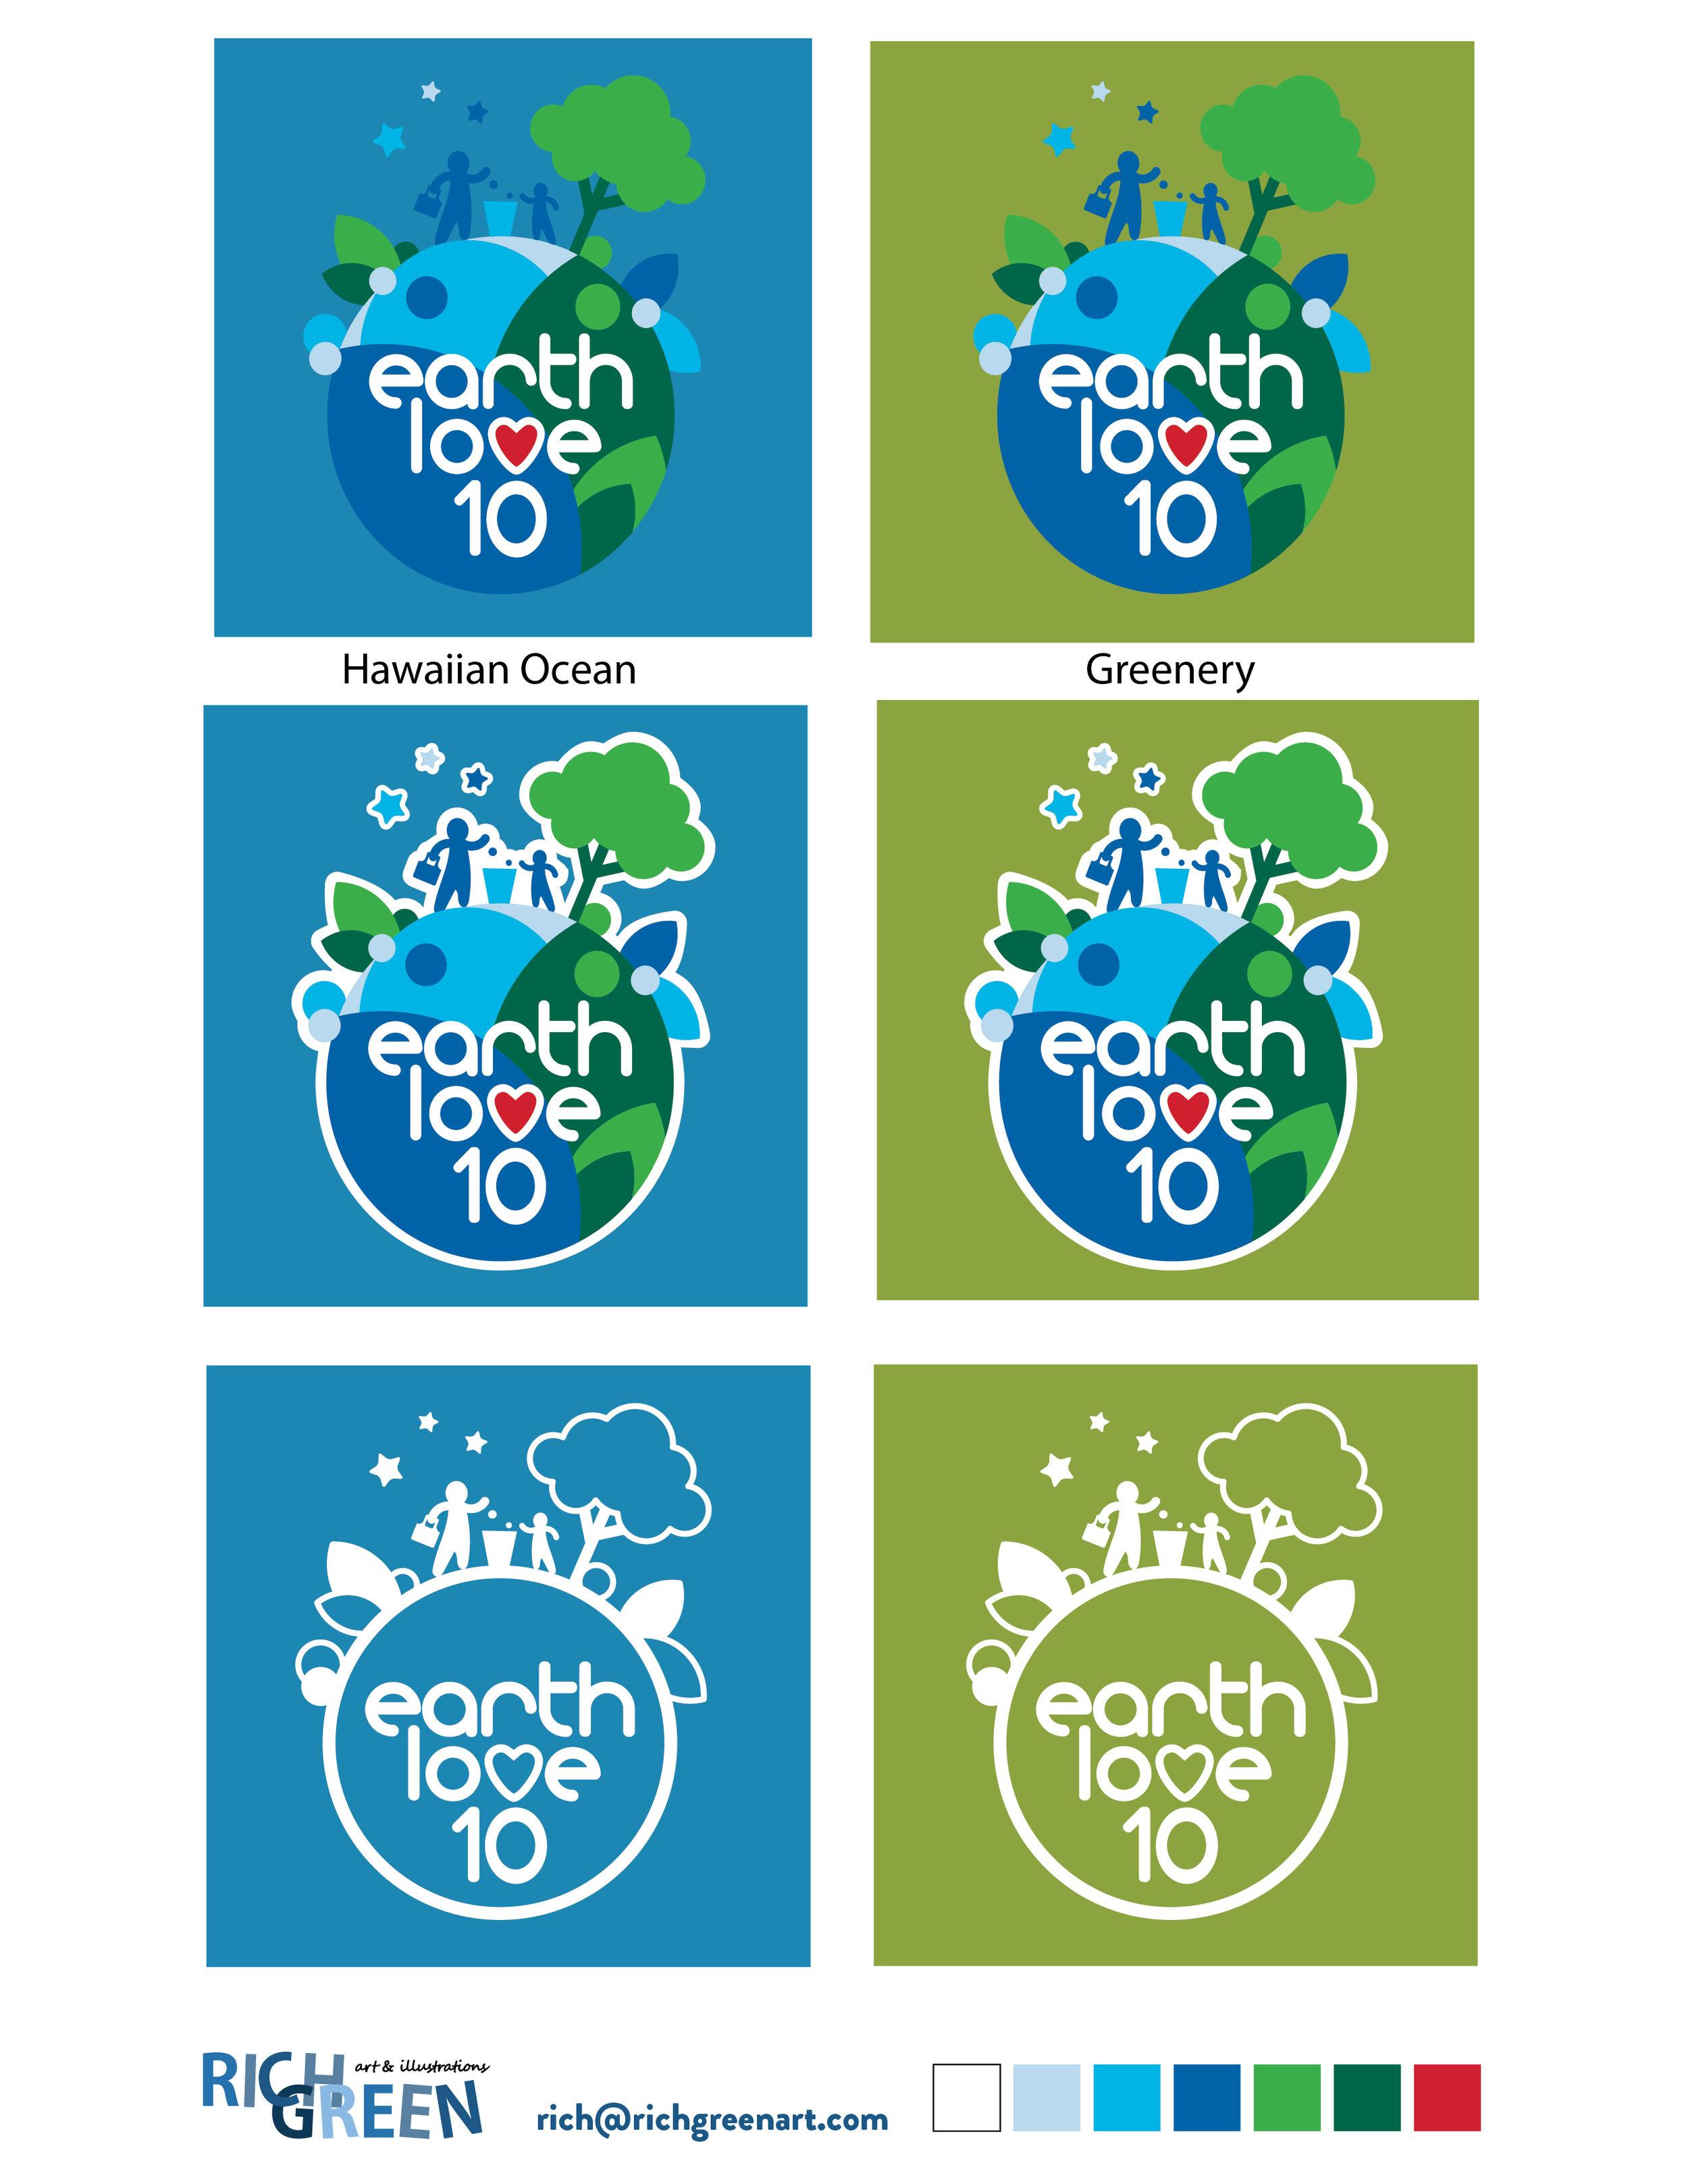 Earth Love 10 Concepts v02 01_Color Mockups.jpg